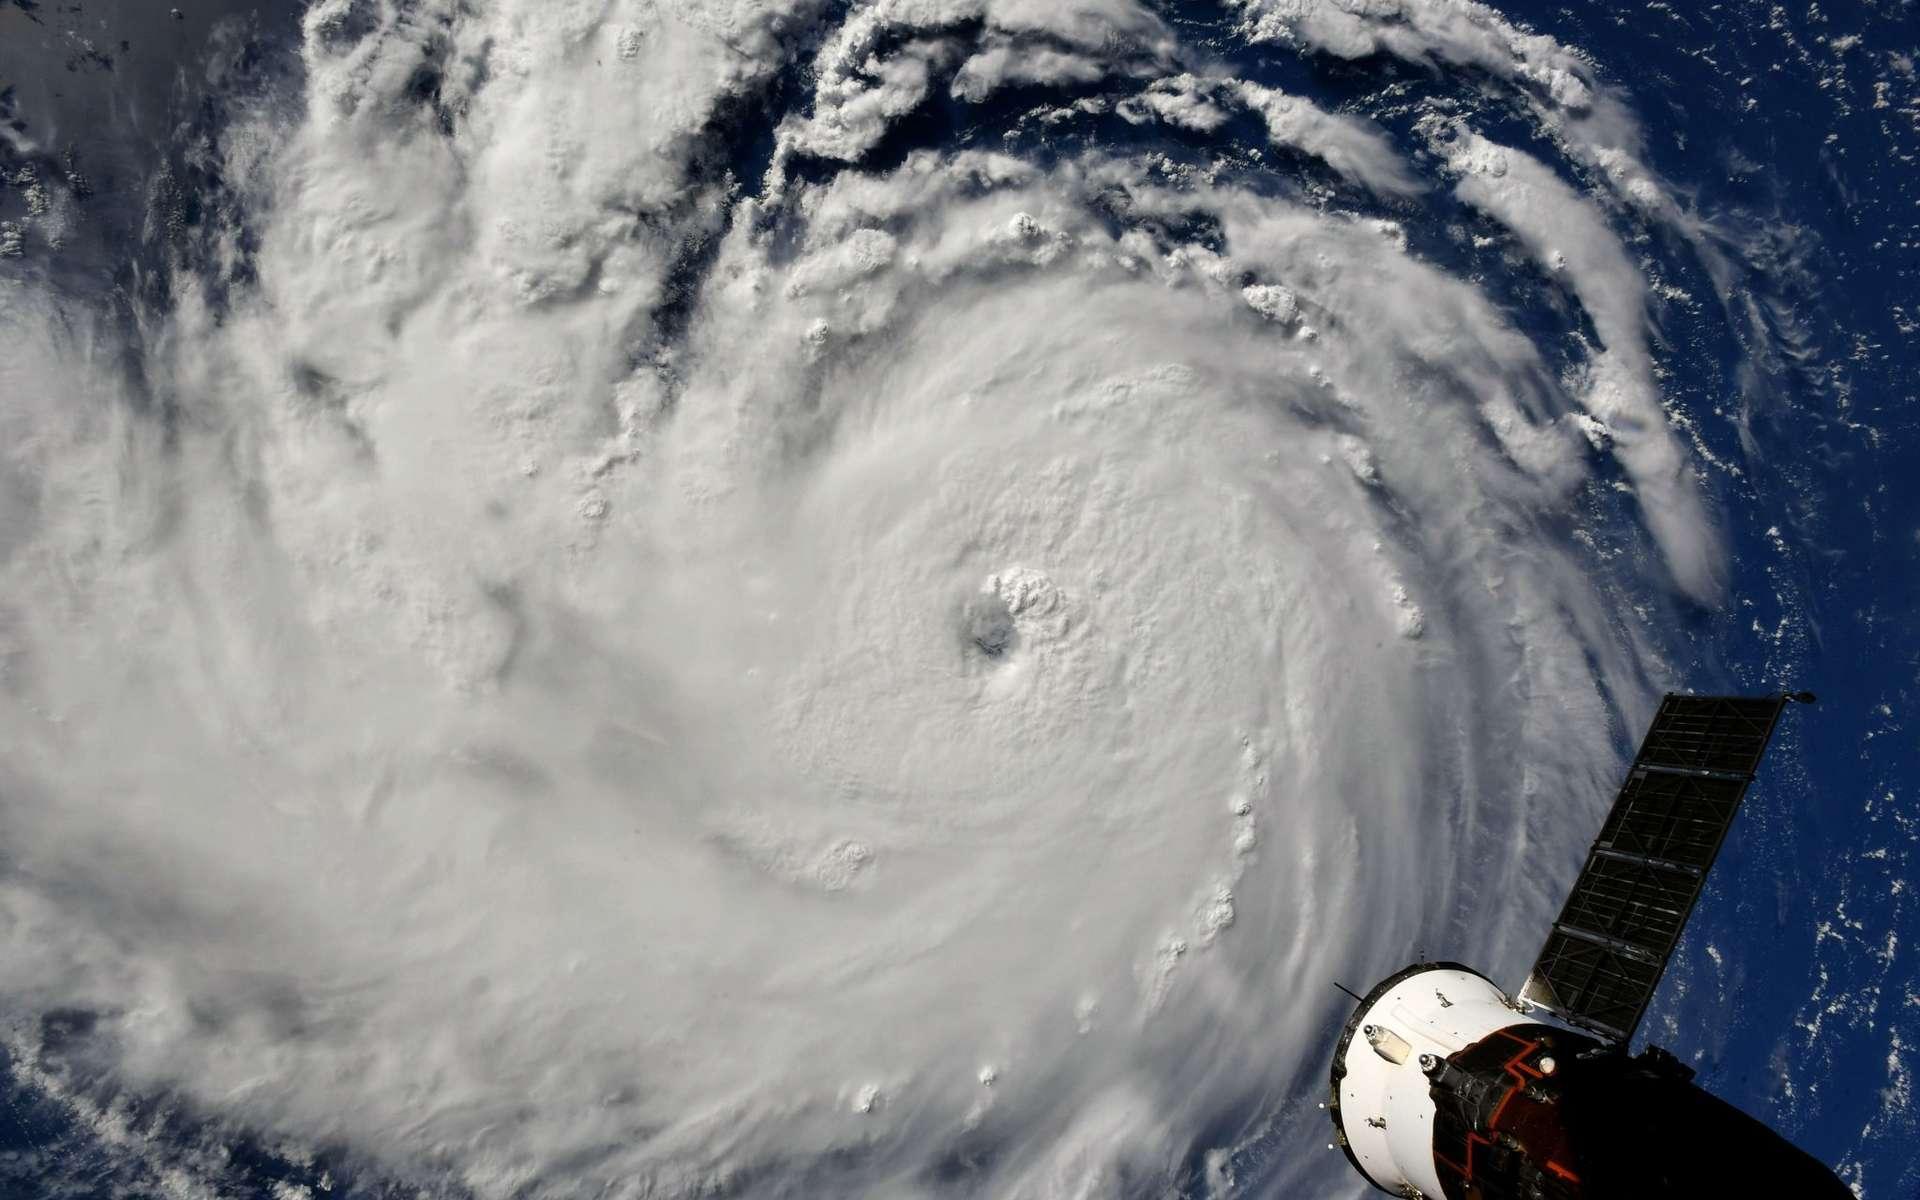 L'ouragan Florence vu de l'ISS le 10 septembre 2018. © Nasa